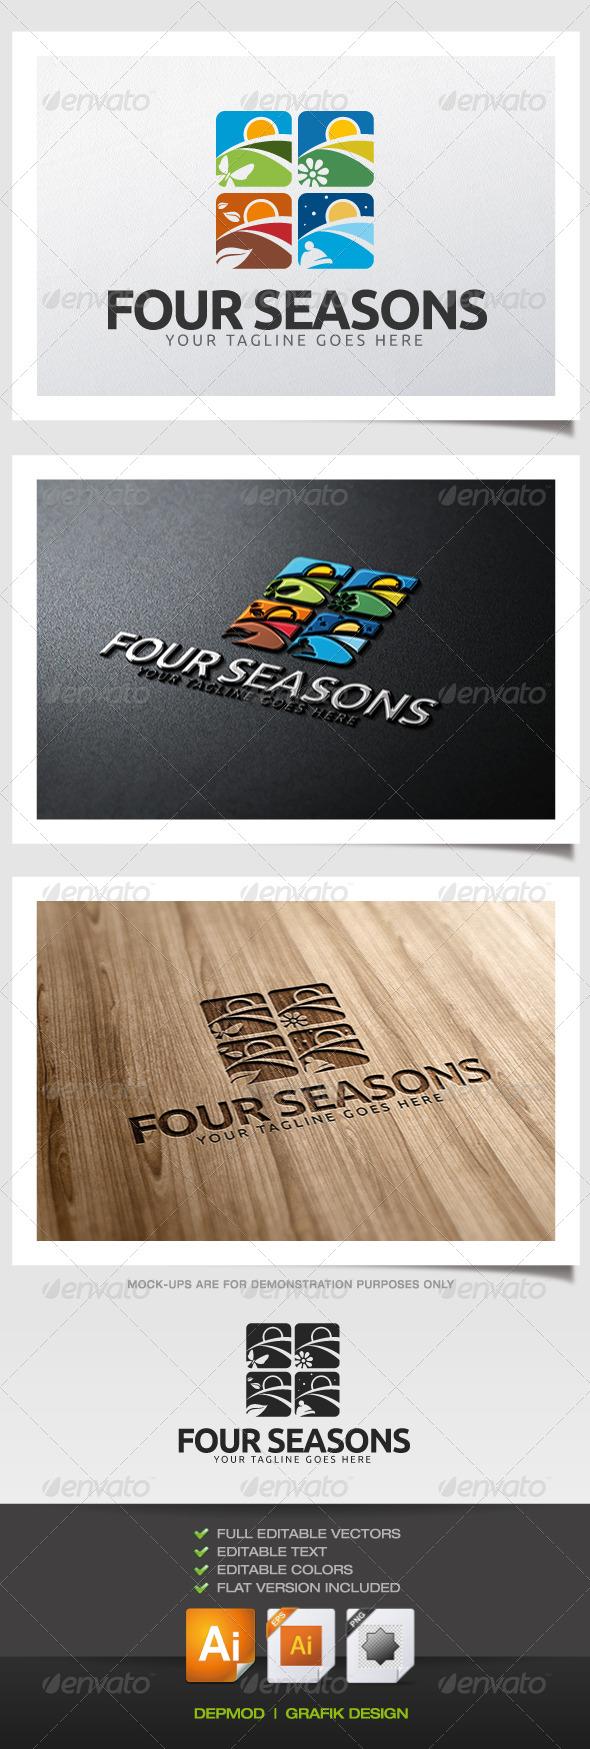 GraphicRiver Four Seasons Logo 6270257